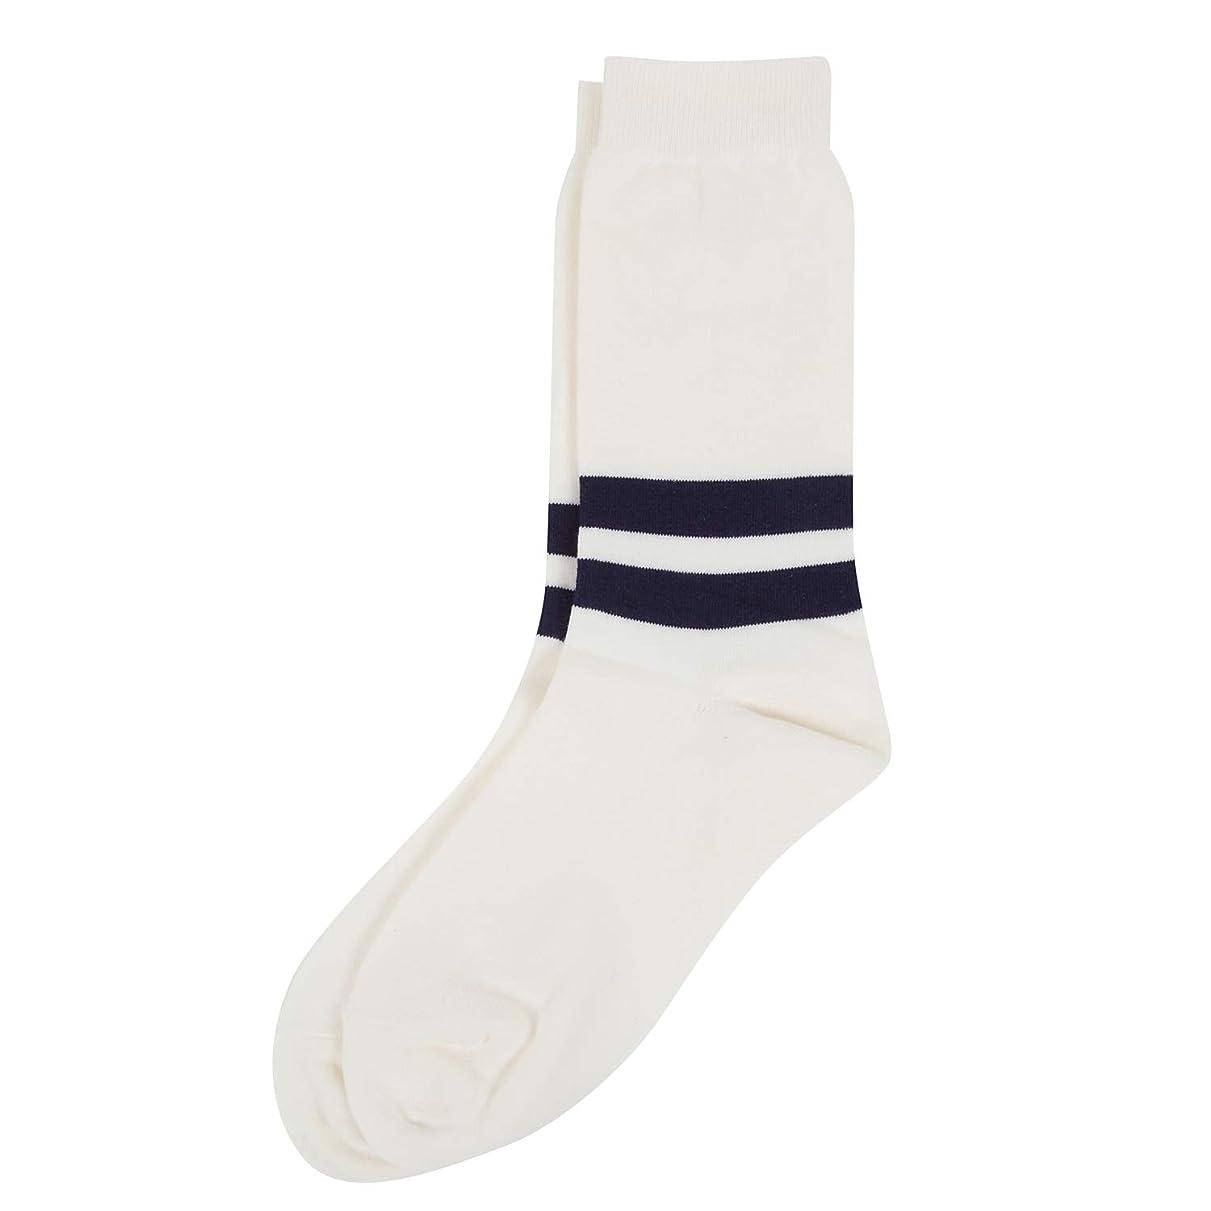 砂の四半期音楽を聴くDeol(デオル) ラインソックス 男性用 メンズ [足のニオイ対策] 長期間持続 日本製 無地 靴下 白 25cm-27cm